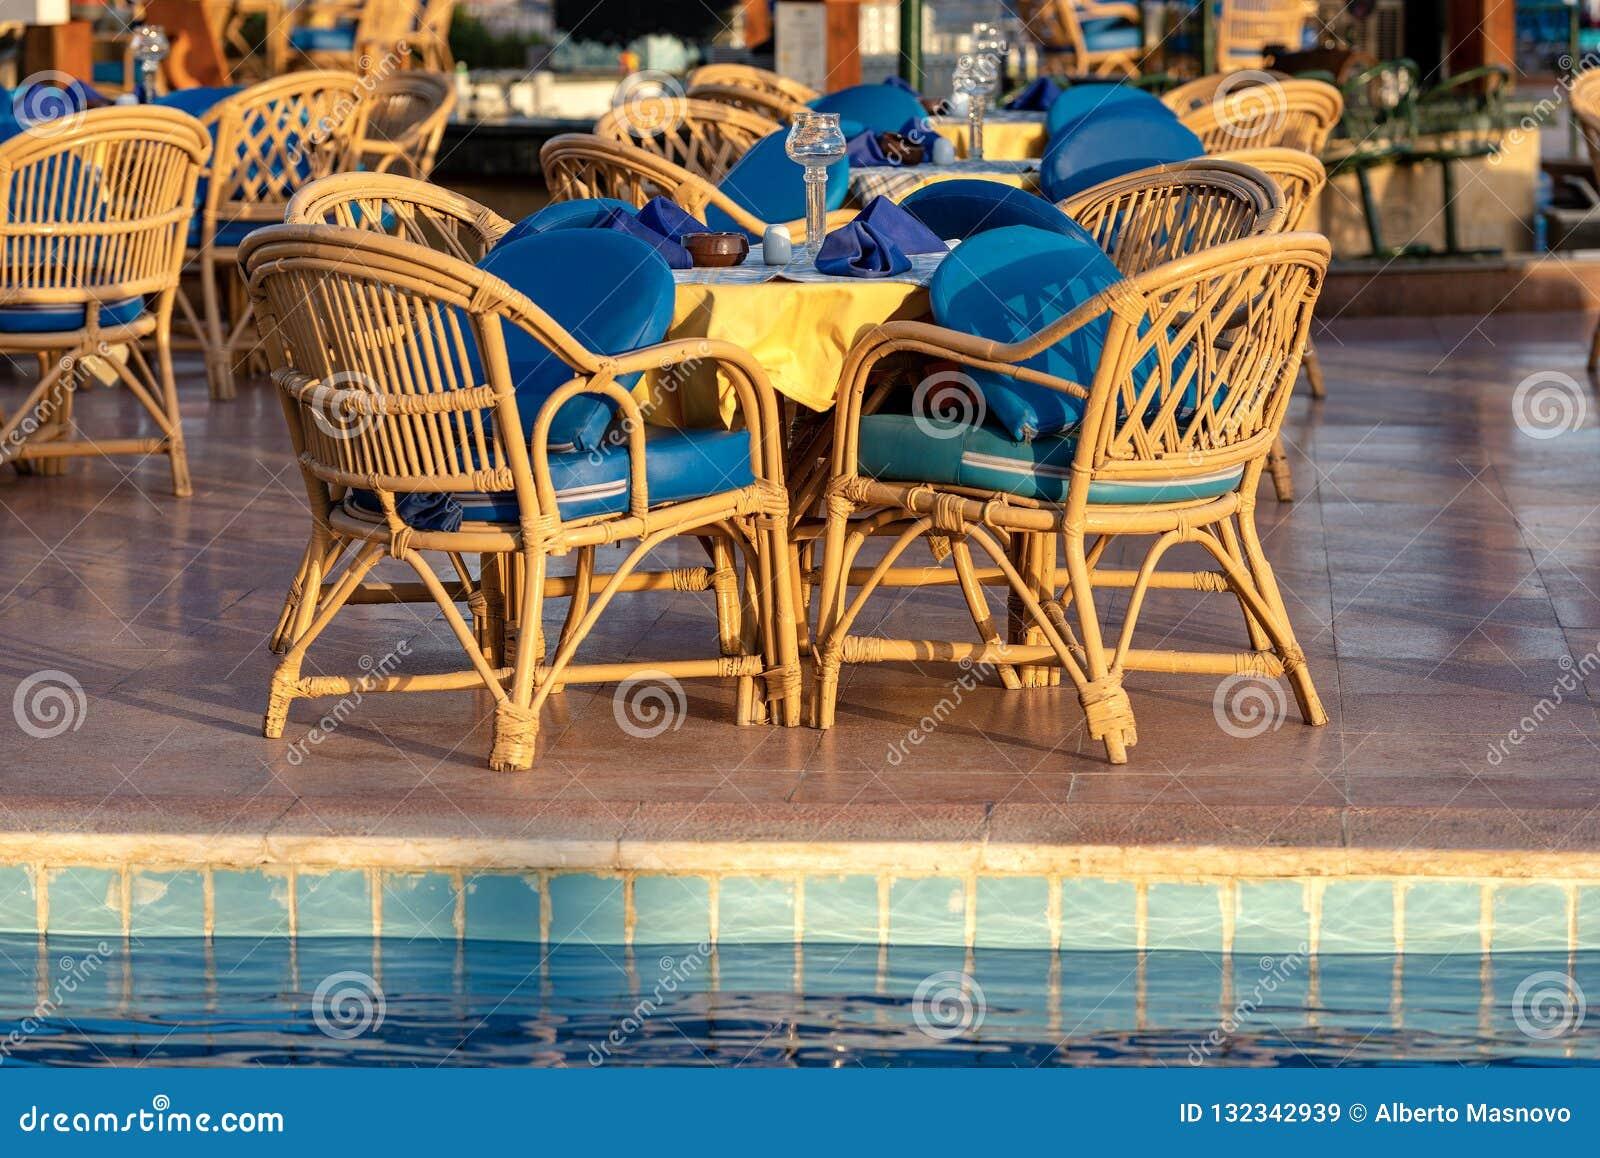 Mesa De Comedor Del Sistema Del Poolside Con Las Sillas De Mimbre ...